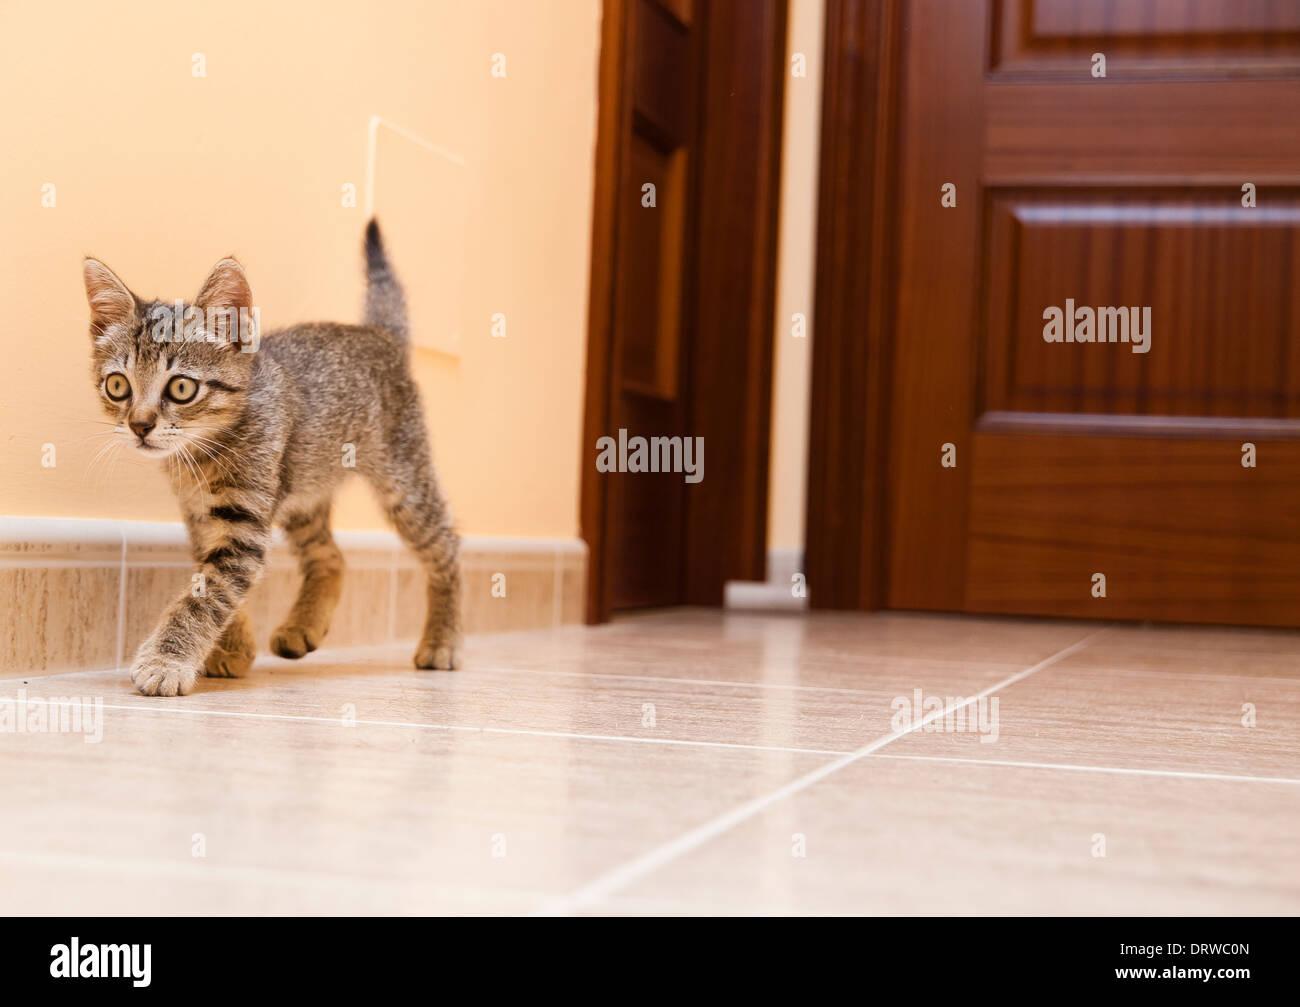 Corridoio Lungo Casa : Gattino camminare lungo il corridoio di una casa il gatto è